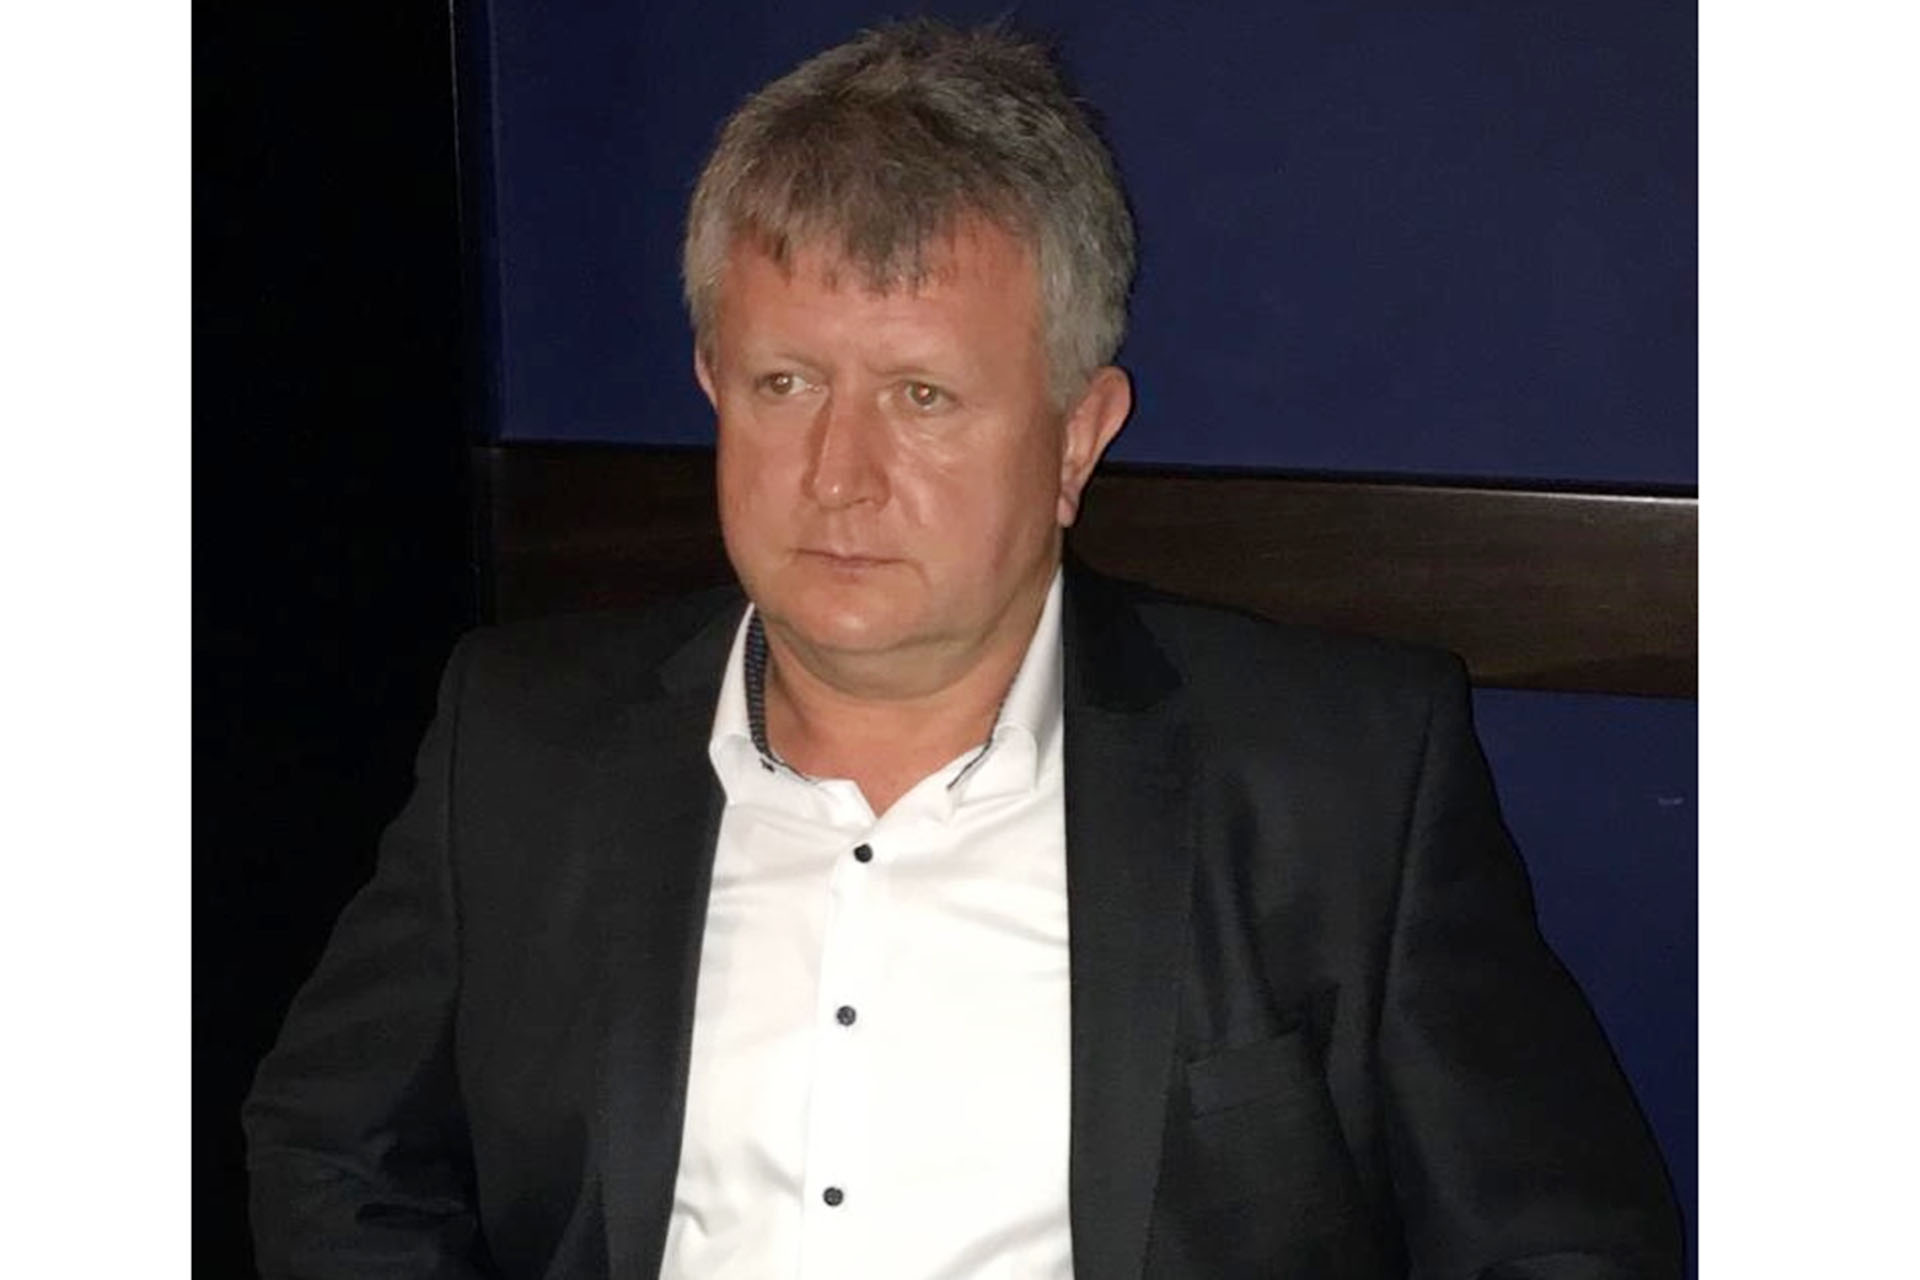 Silvio Ehrenpfordt, Geschäftsinhaber der Klempnerei Ehrenpfordt & Gessner GbR